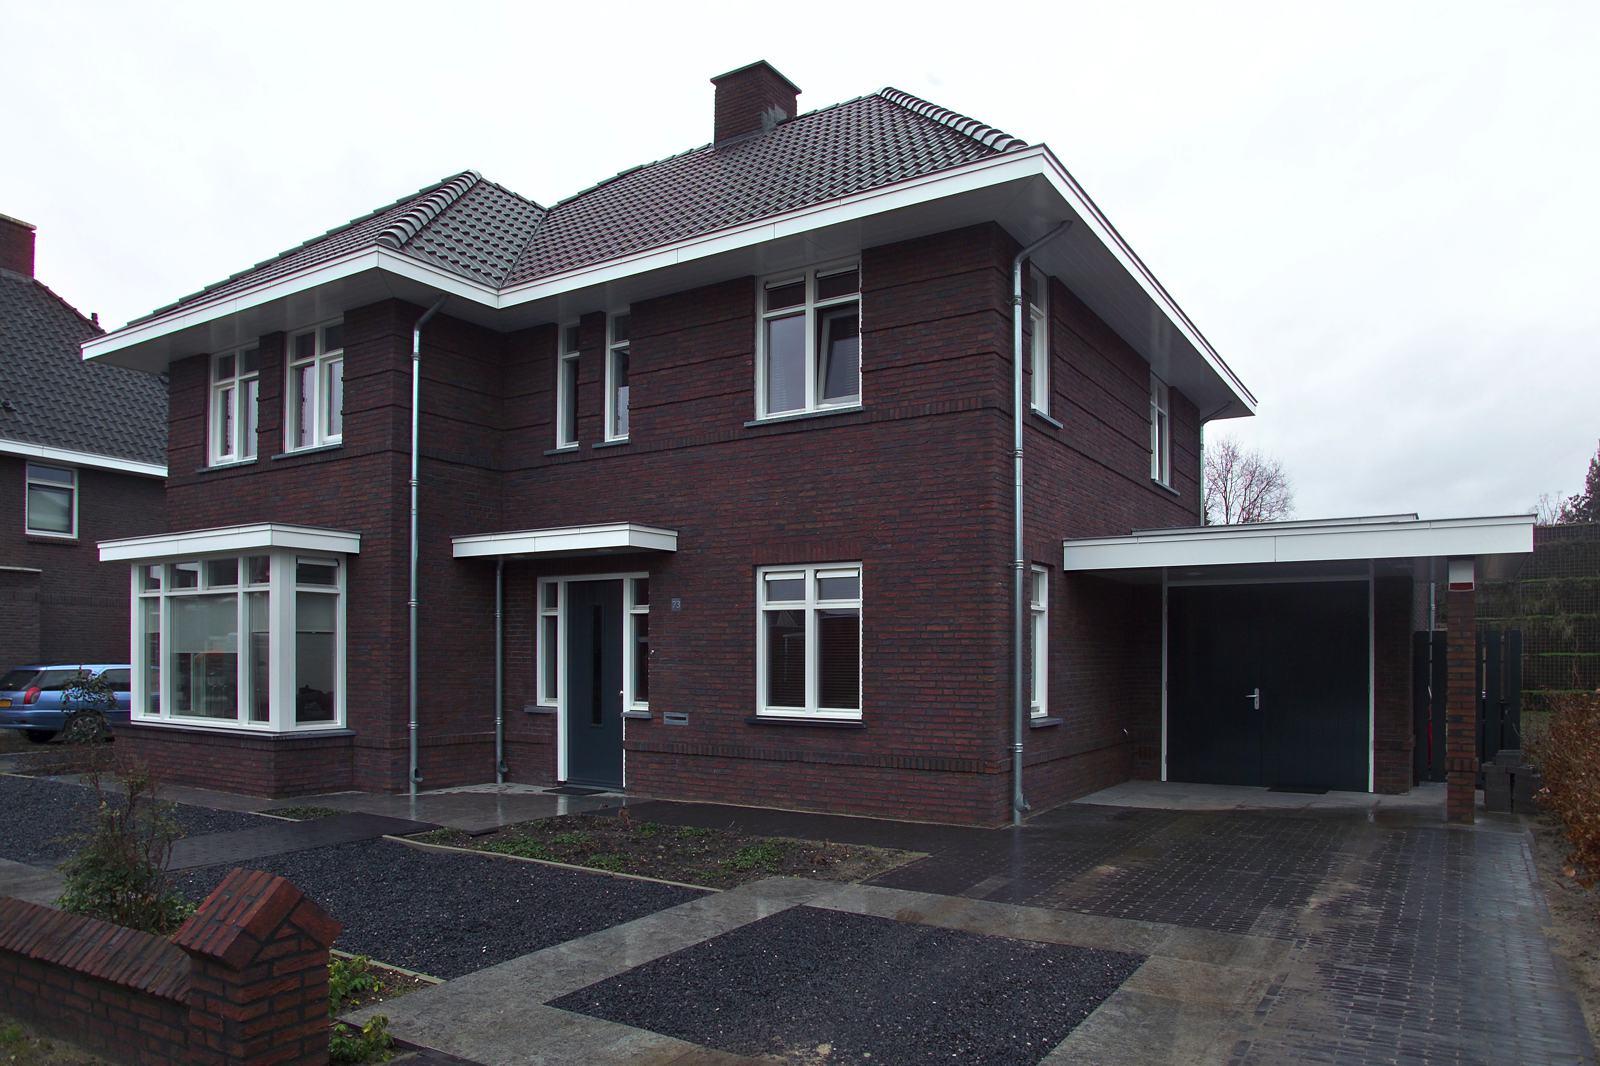 Bouwbedrijf brummelhuis goede architect of aannemer for Bouwbedrijf huizen